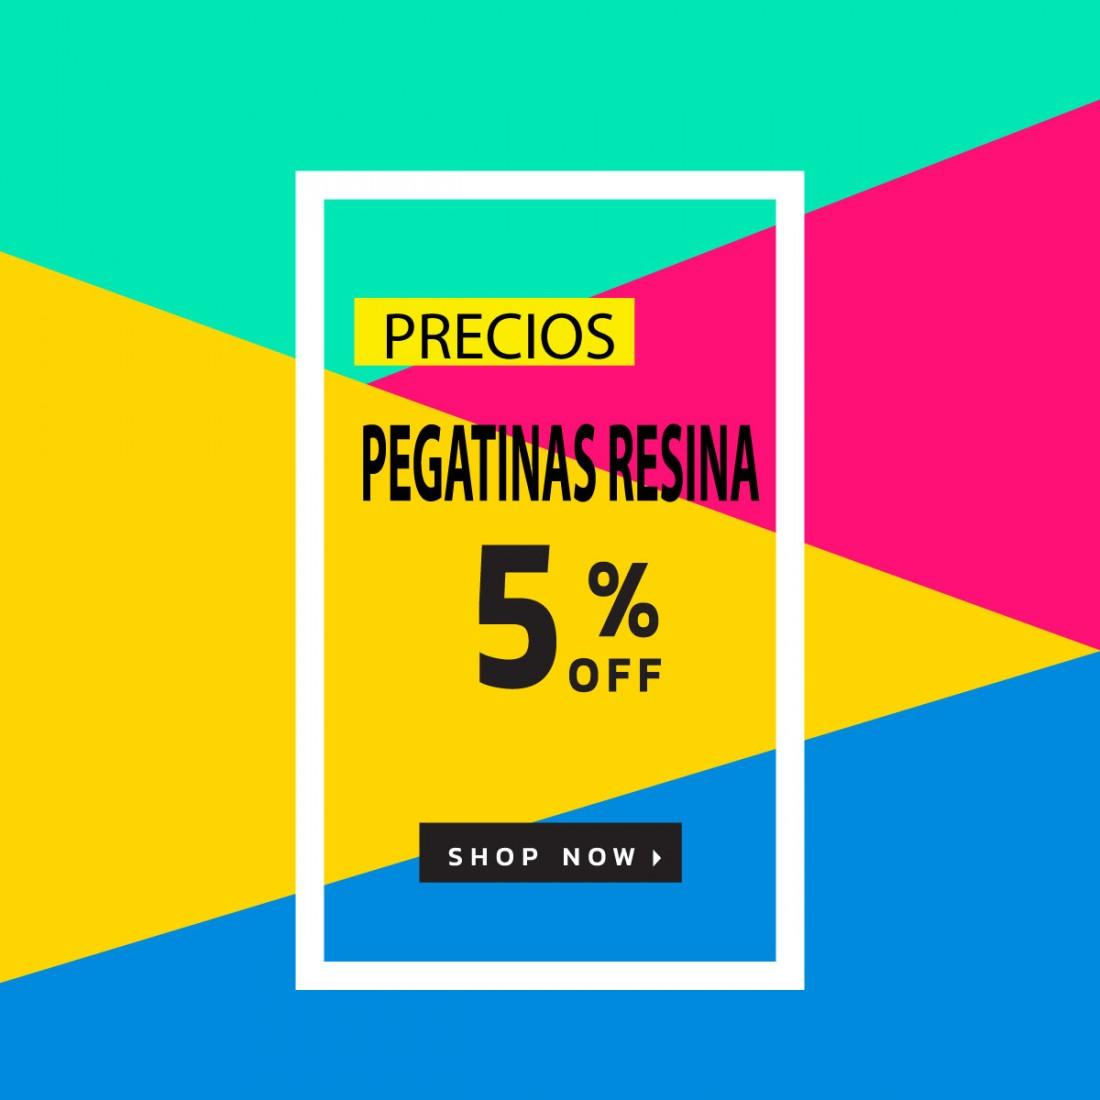 precios-resina